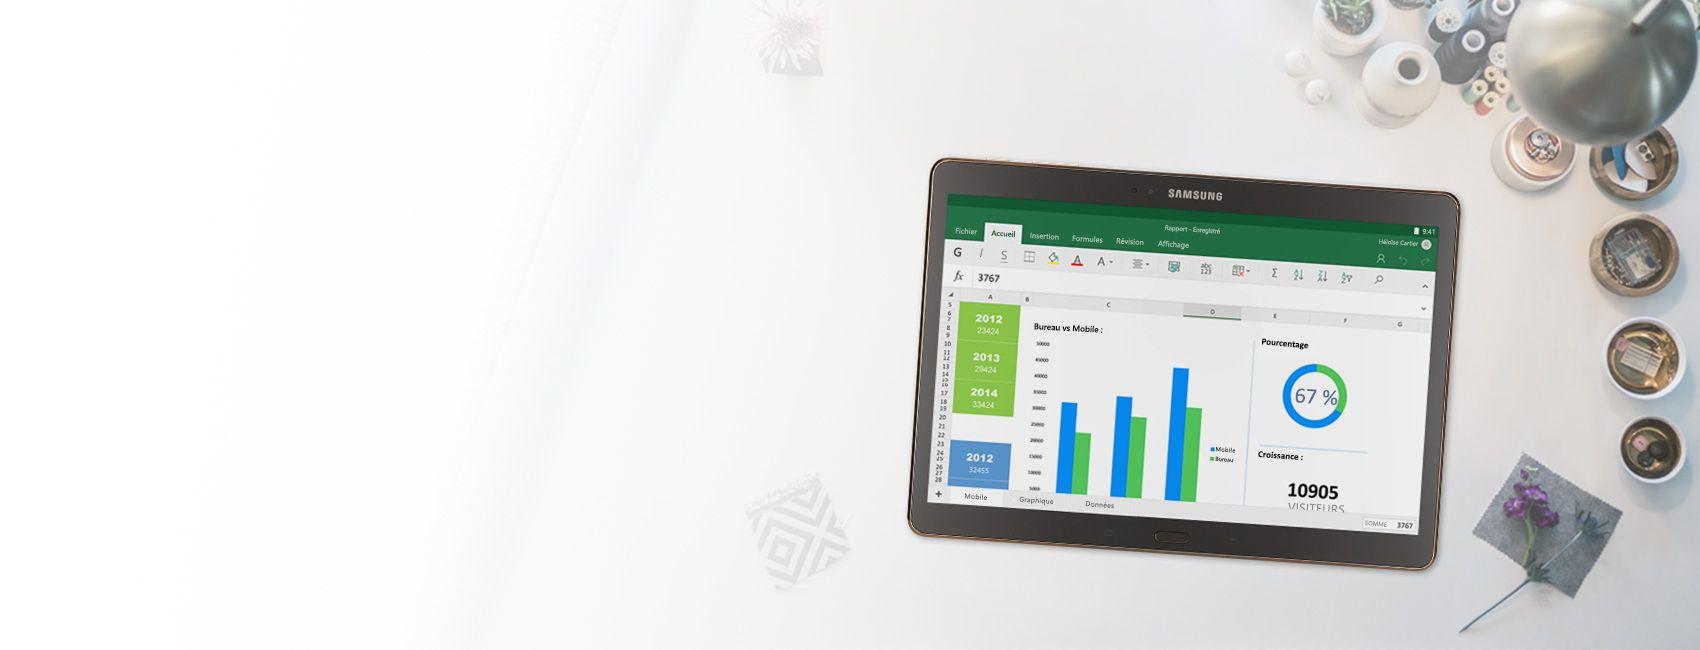 Tablette affichant un rapport Excel contenant des graphiques